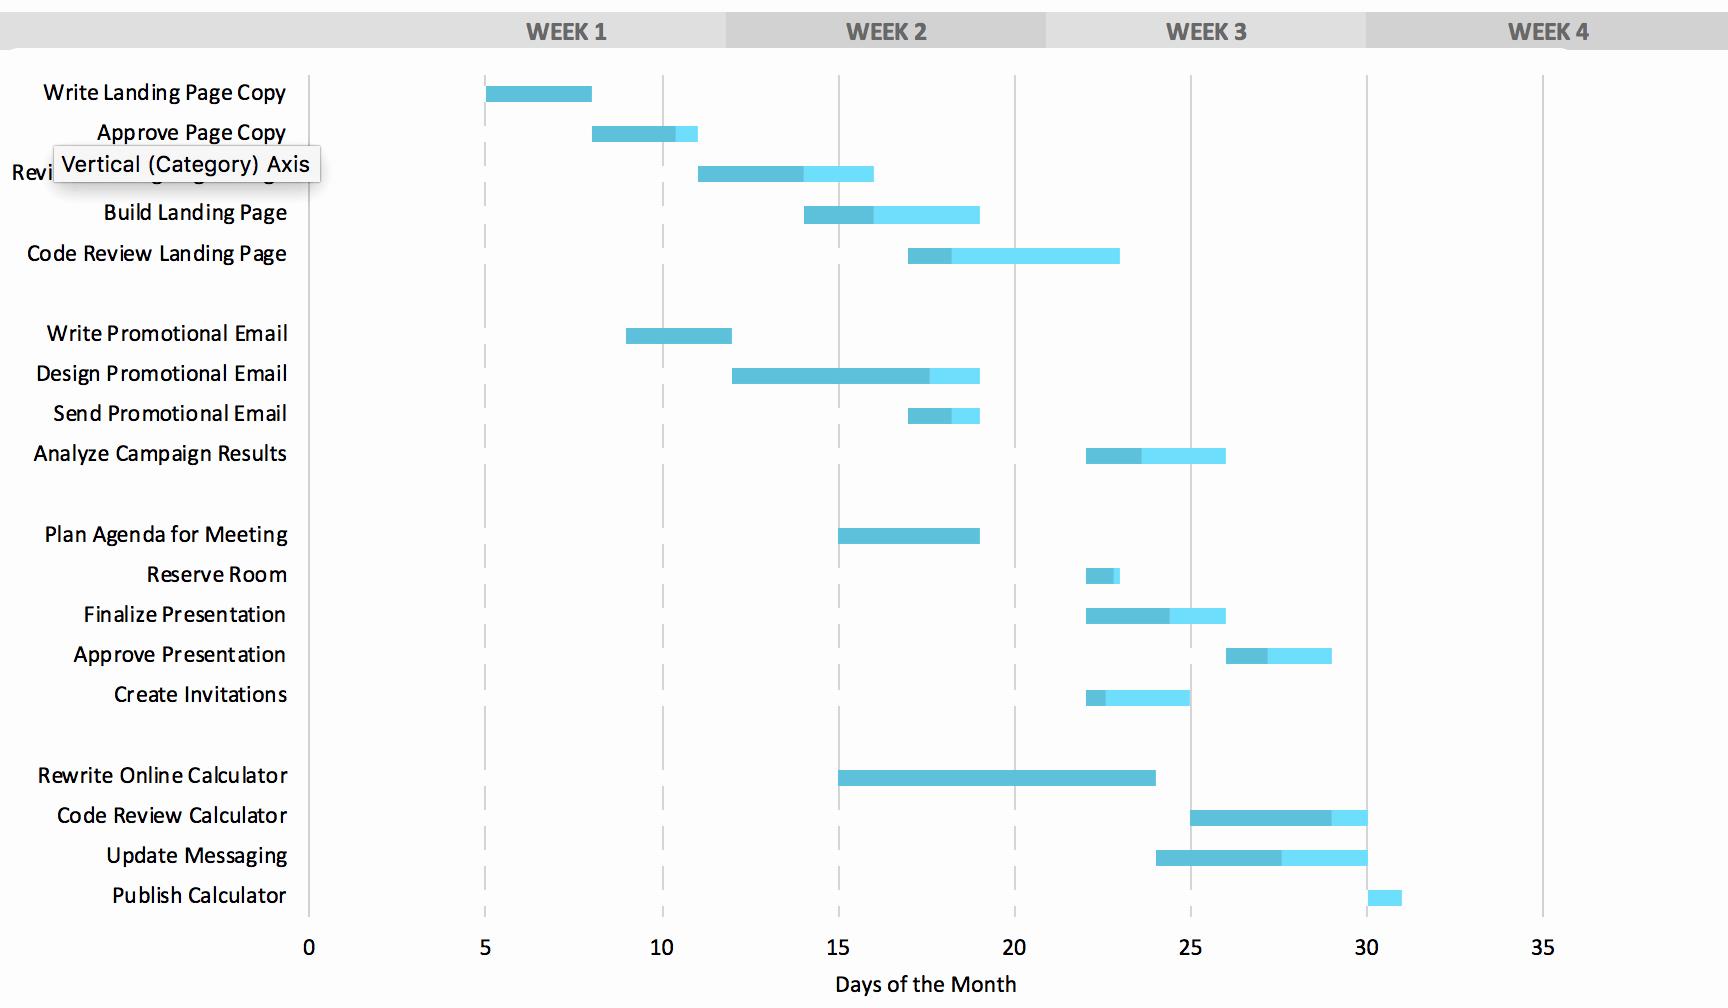 Construction Gantt Chart Excel Template Fresh Free Gantt Chart Excel Template Download now